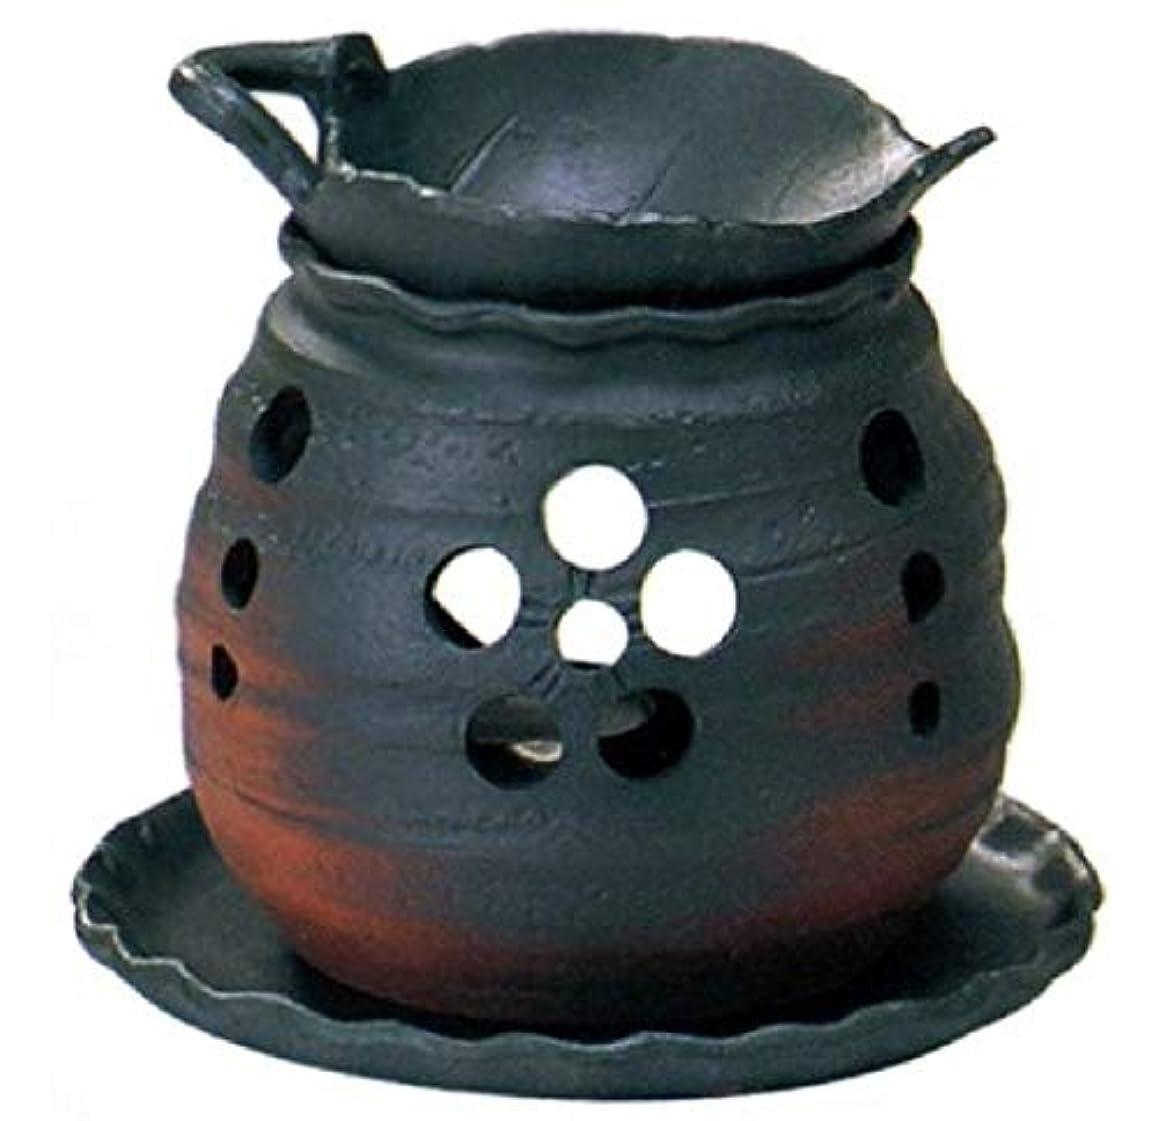 スクリーチ賄賂ビスケット常滑焼 創器 ゆとり 茶香炉 径:13.2cm 高さ:11.5cm 木の葉の皿付 サ39-10